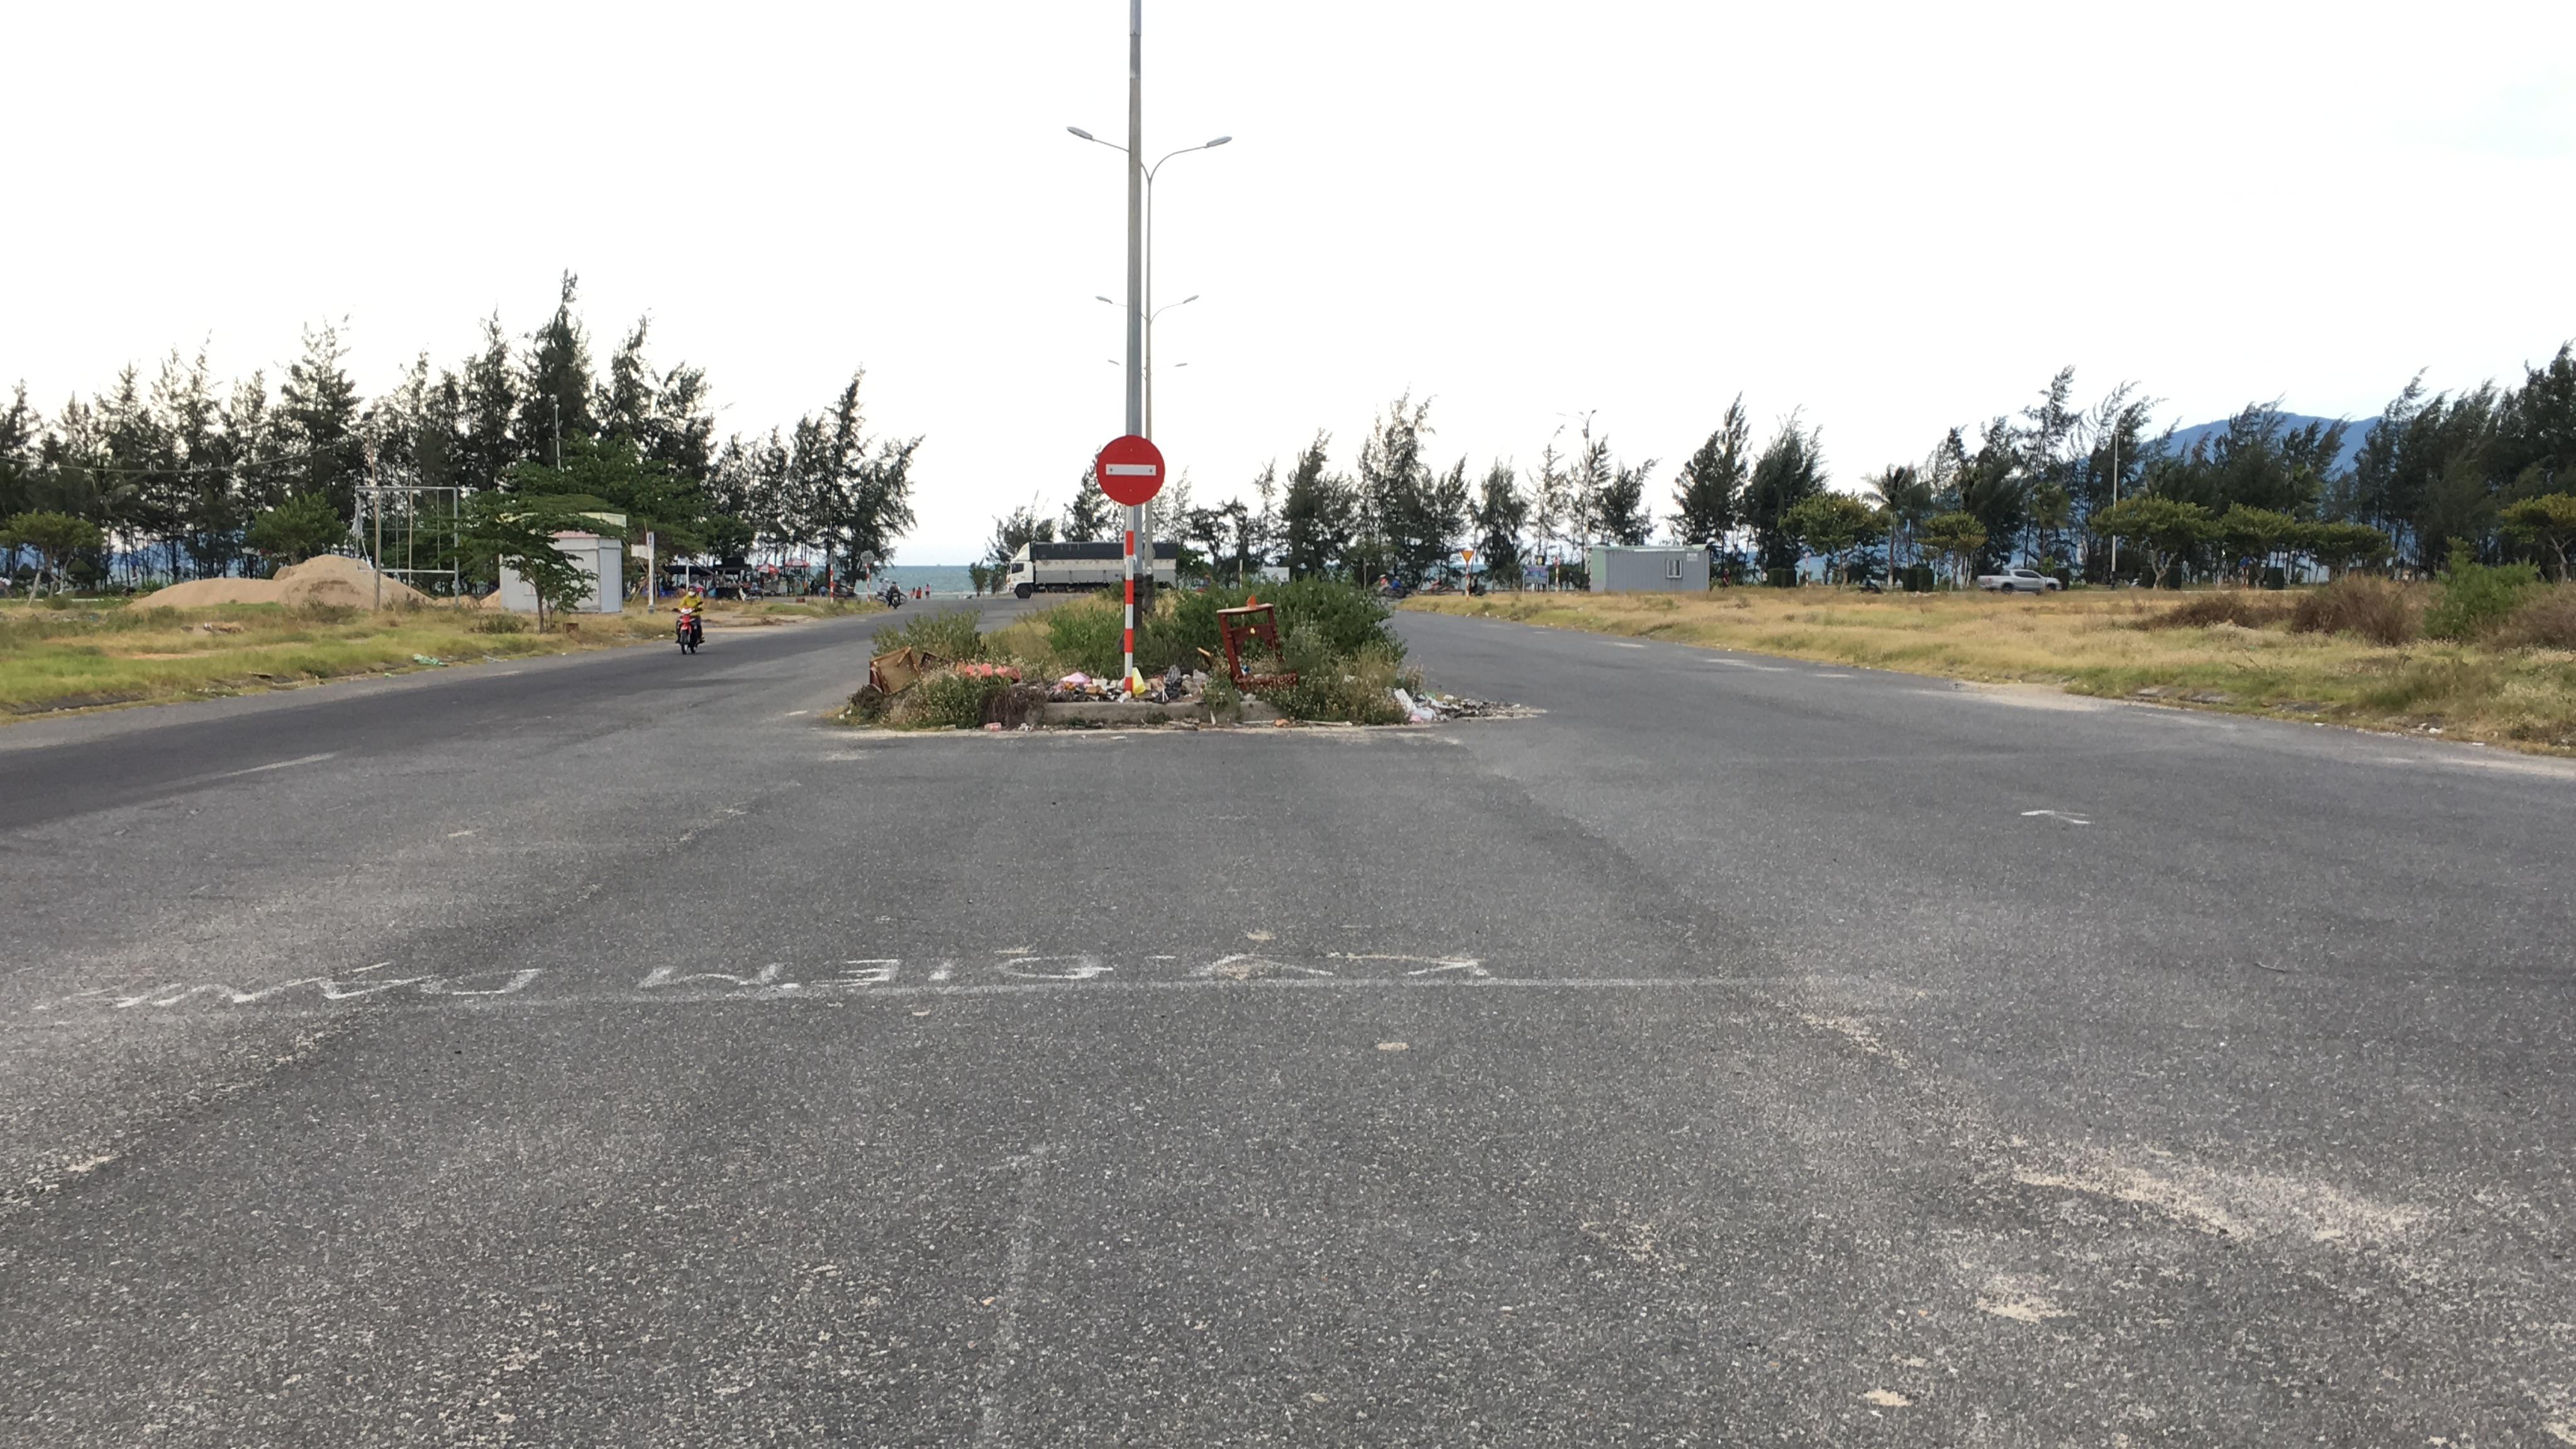 Tuyến đường trục 1 Tây Bắc đang mở theo qui hoạch ở quận Liên Chiểu, Đà Nẵng - Ảnh 21.